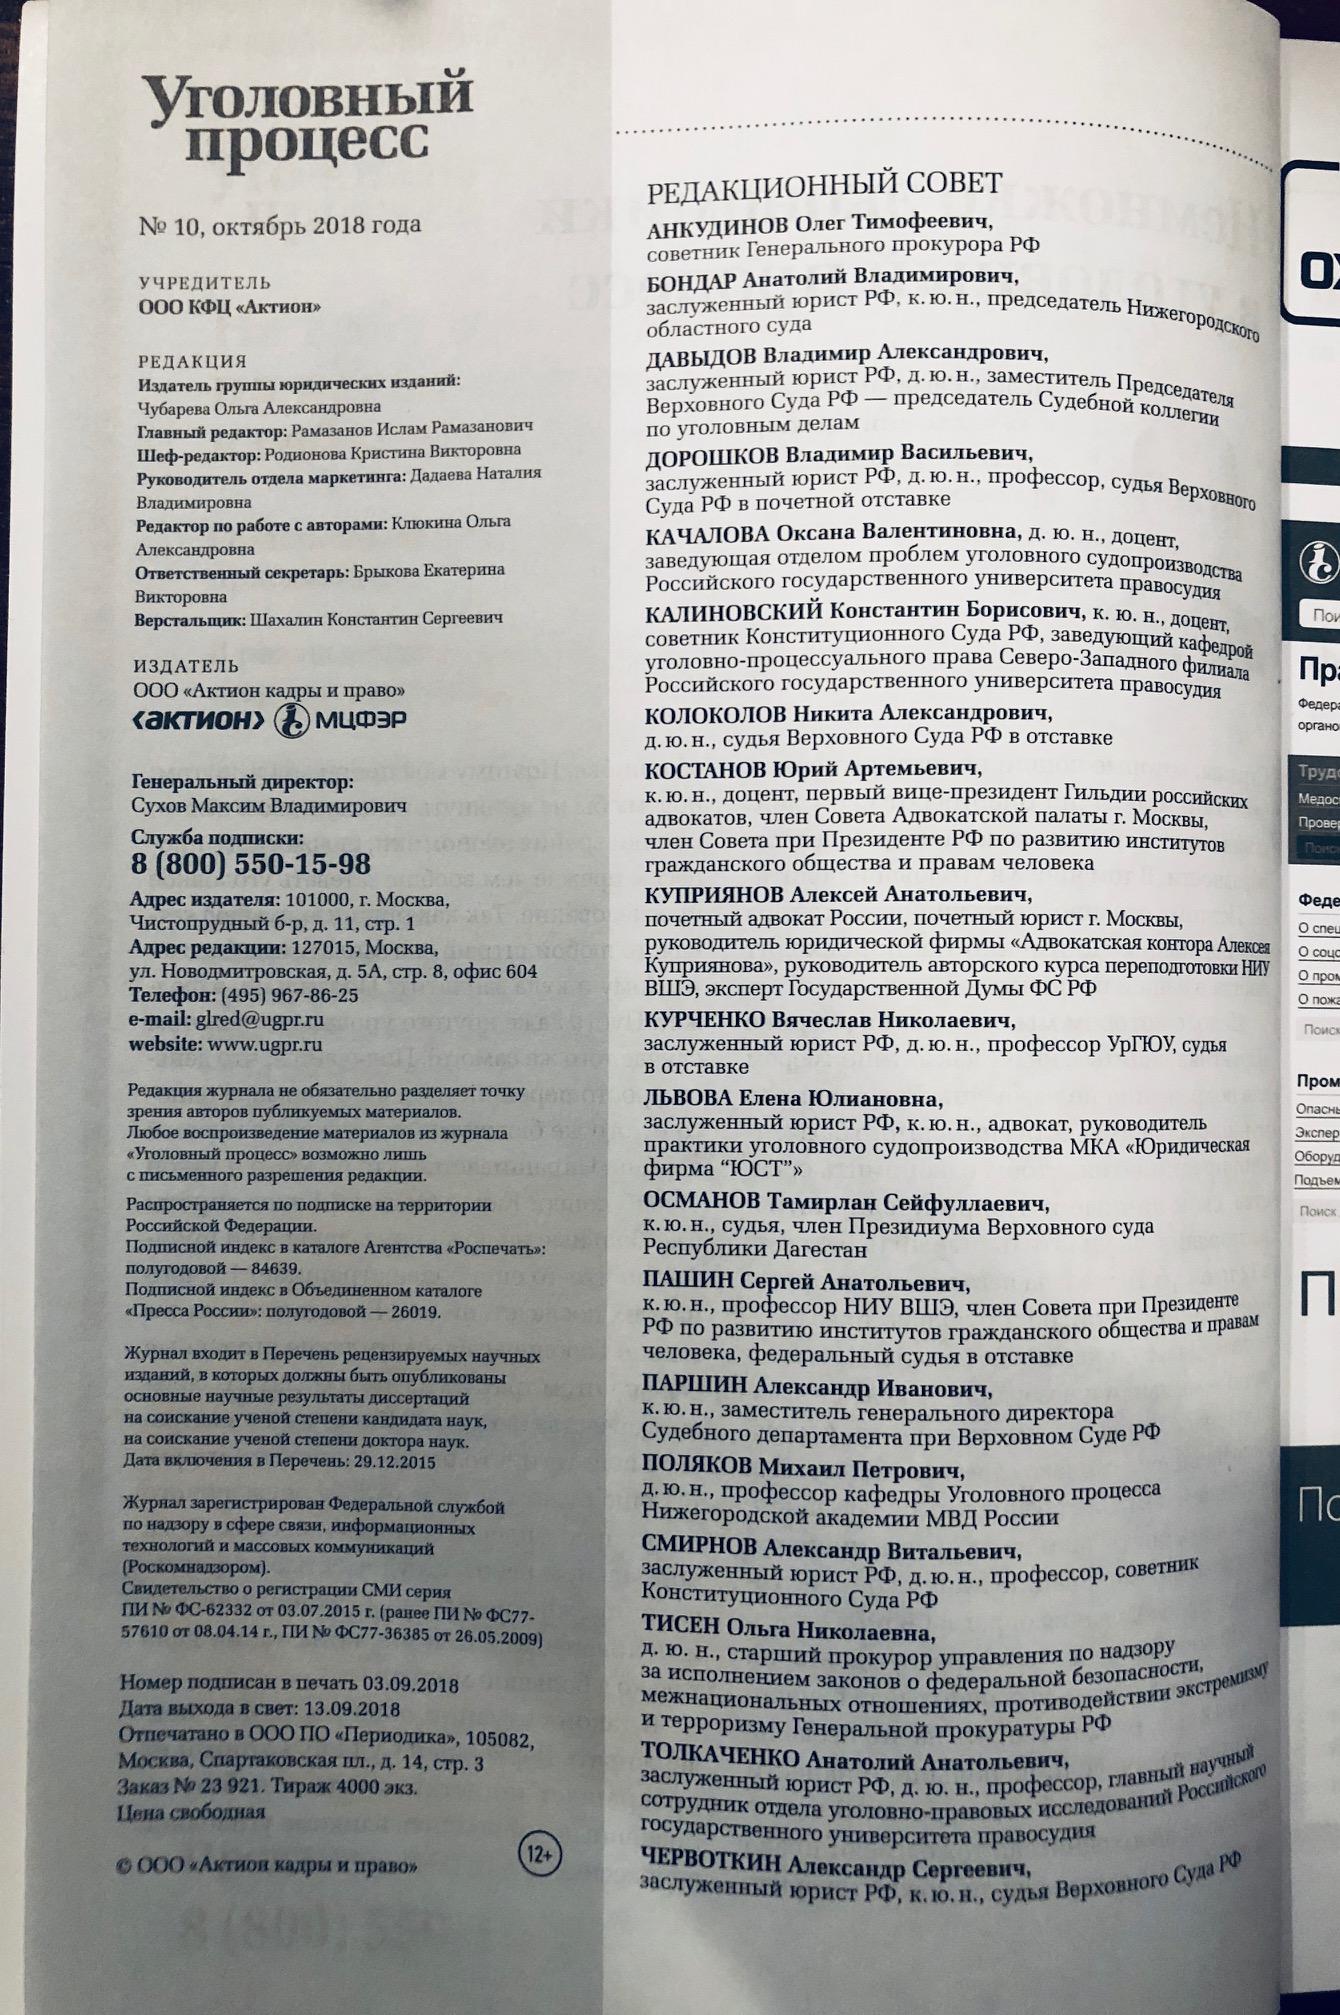 """Состав редакционного совета журнала """"Уголовный процесс"""""""